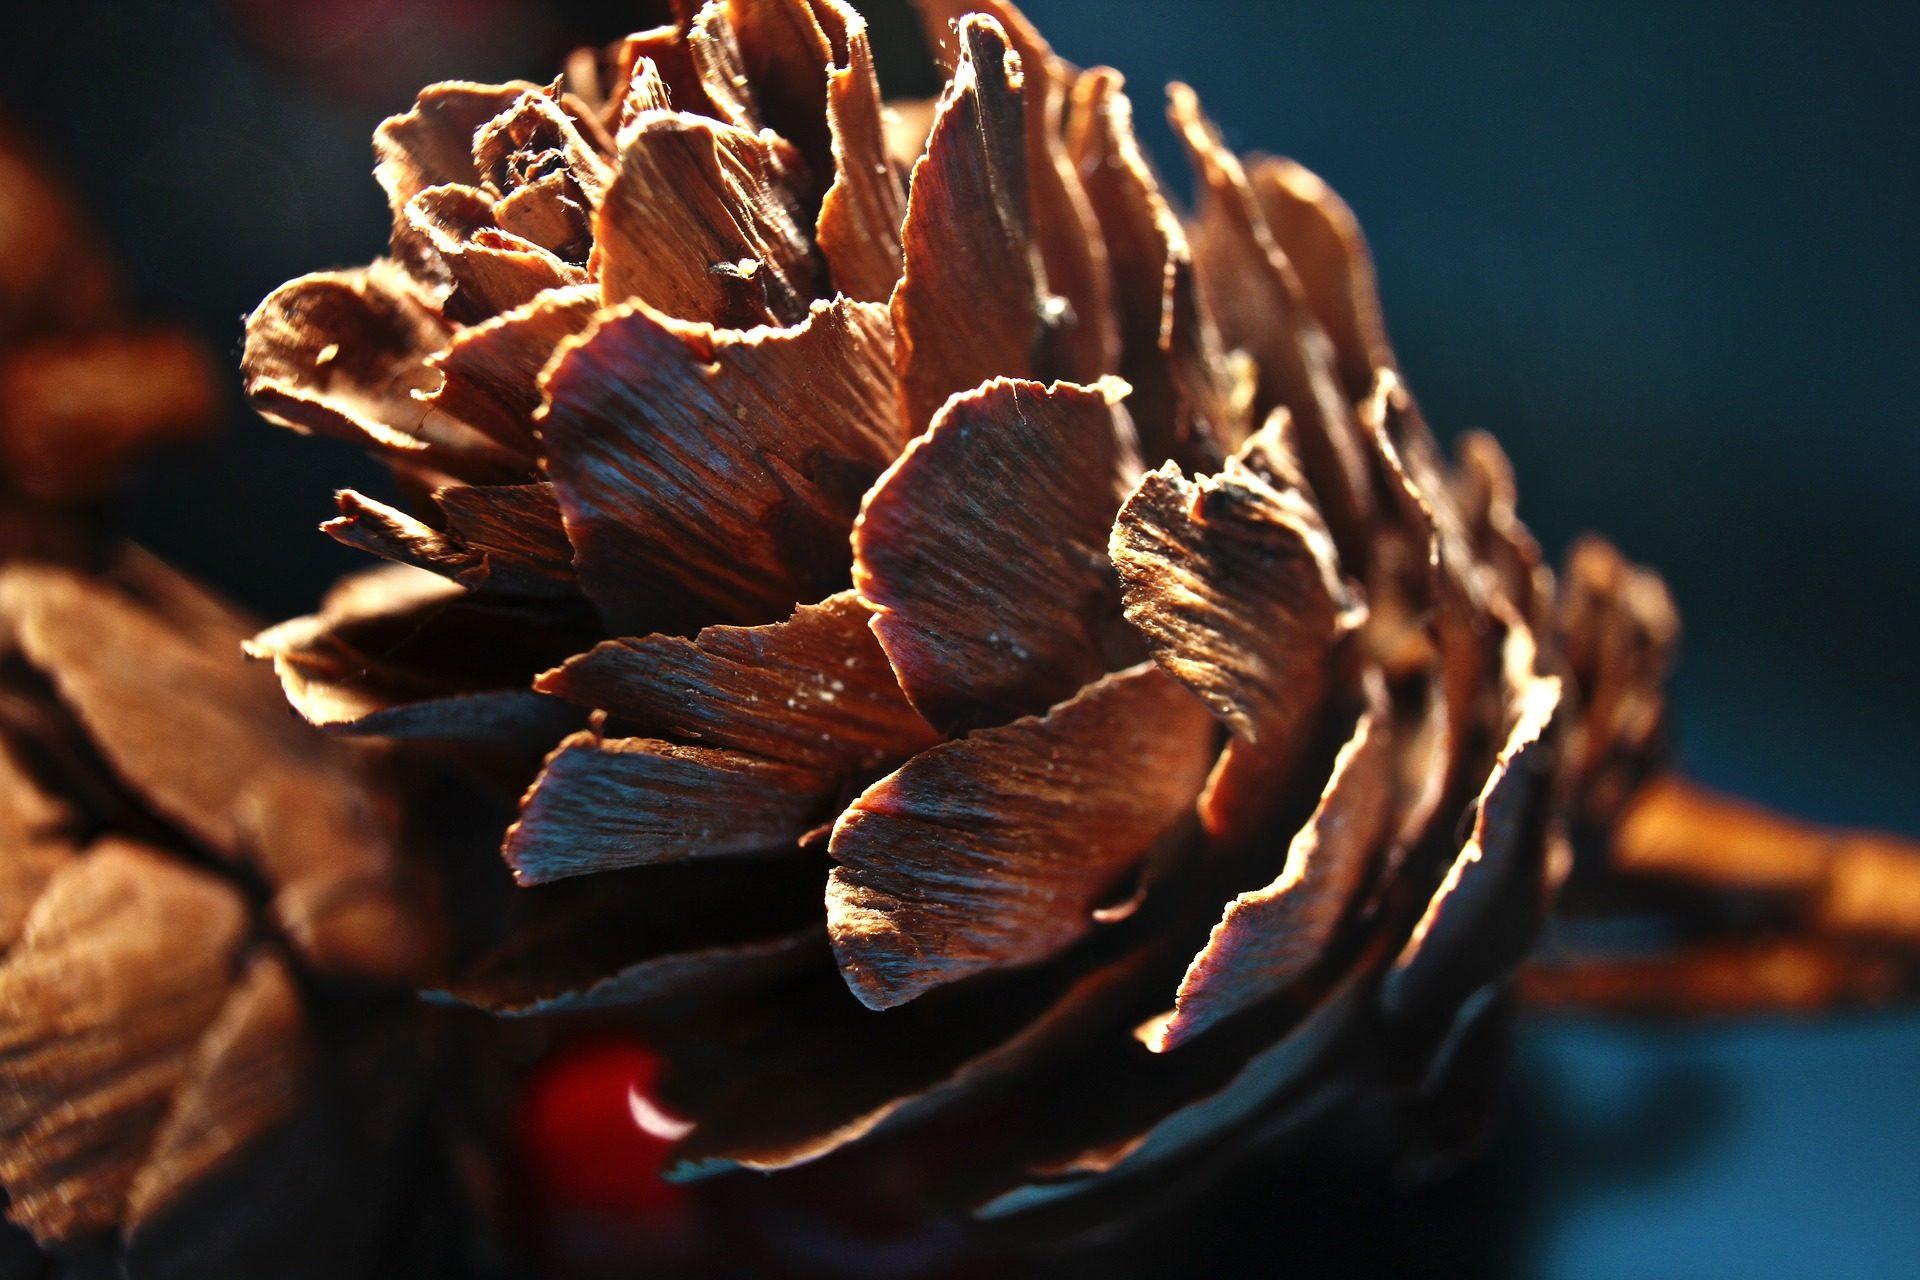 パイナップル, 松, フルーツ, シェル, 針葉樹 - HD の壁紙 - 教授-falken.com